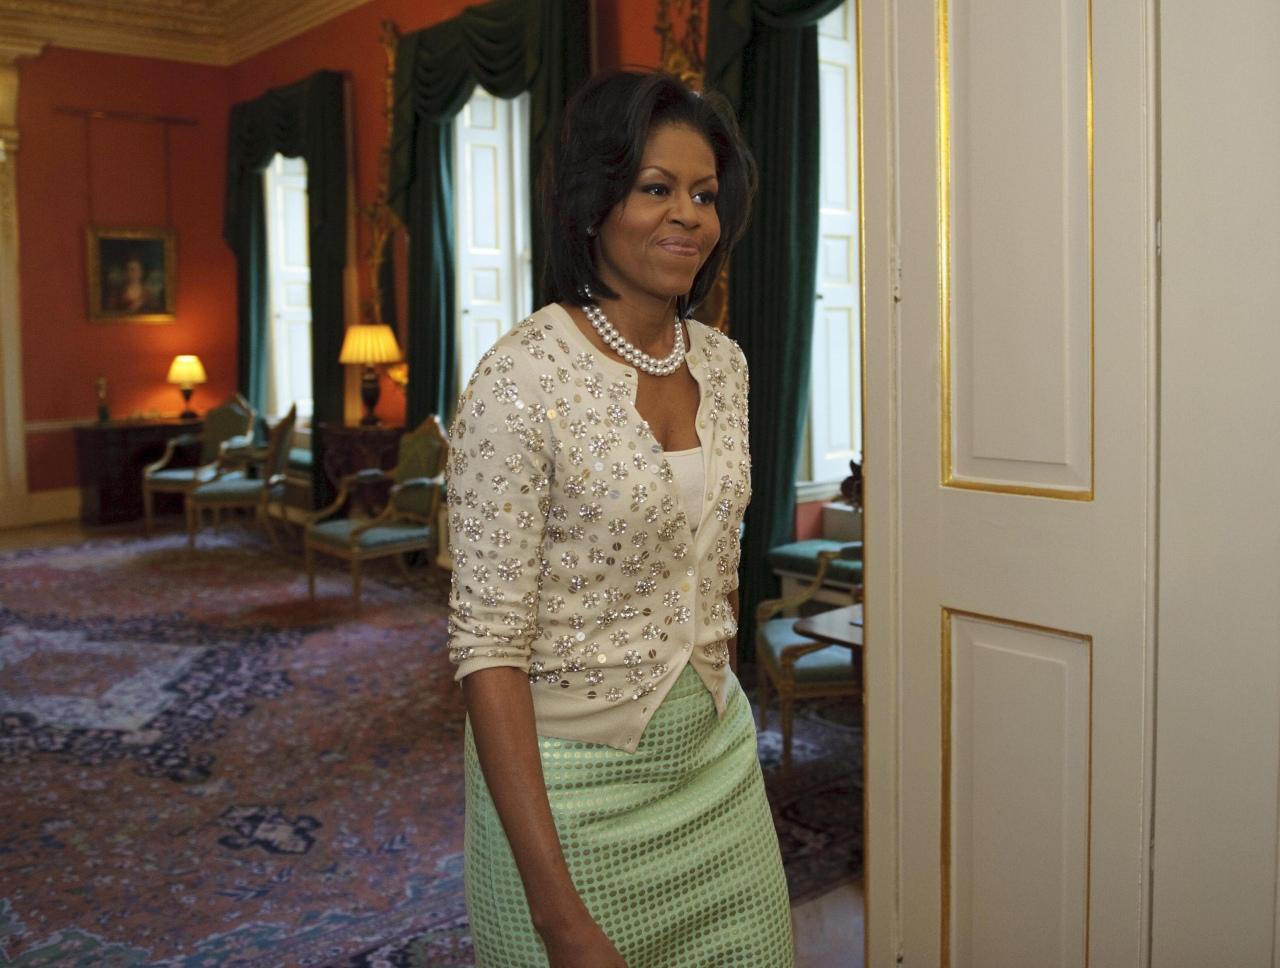 Bộ trang phục lấy cảm hứng từ Jackie Kennedy với áo khoác lừng, đầm ôm và dây chuyền ngọc trai